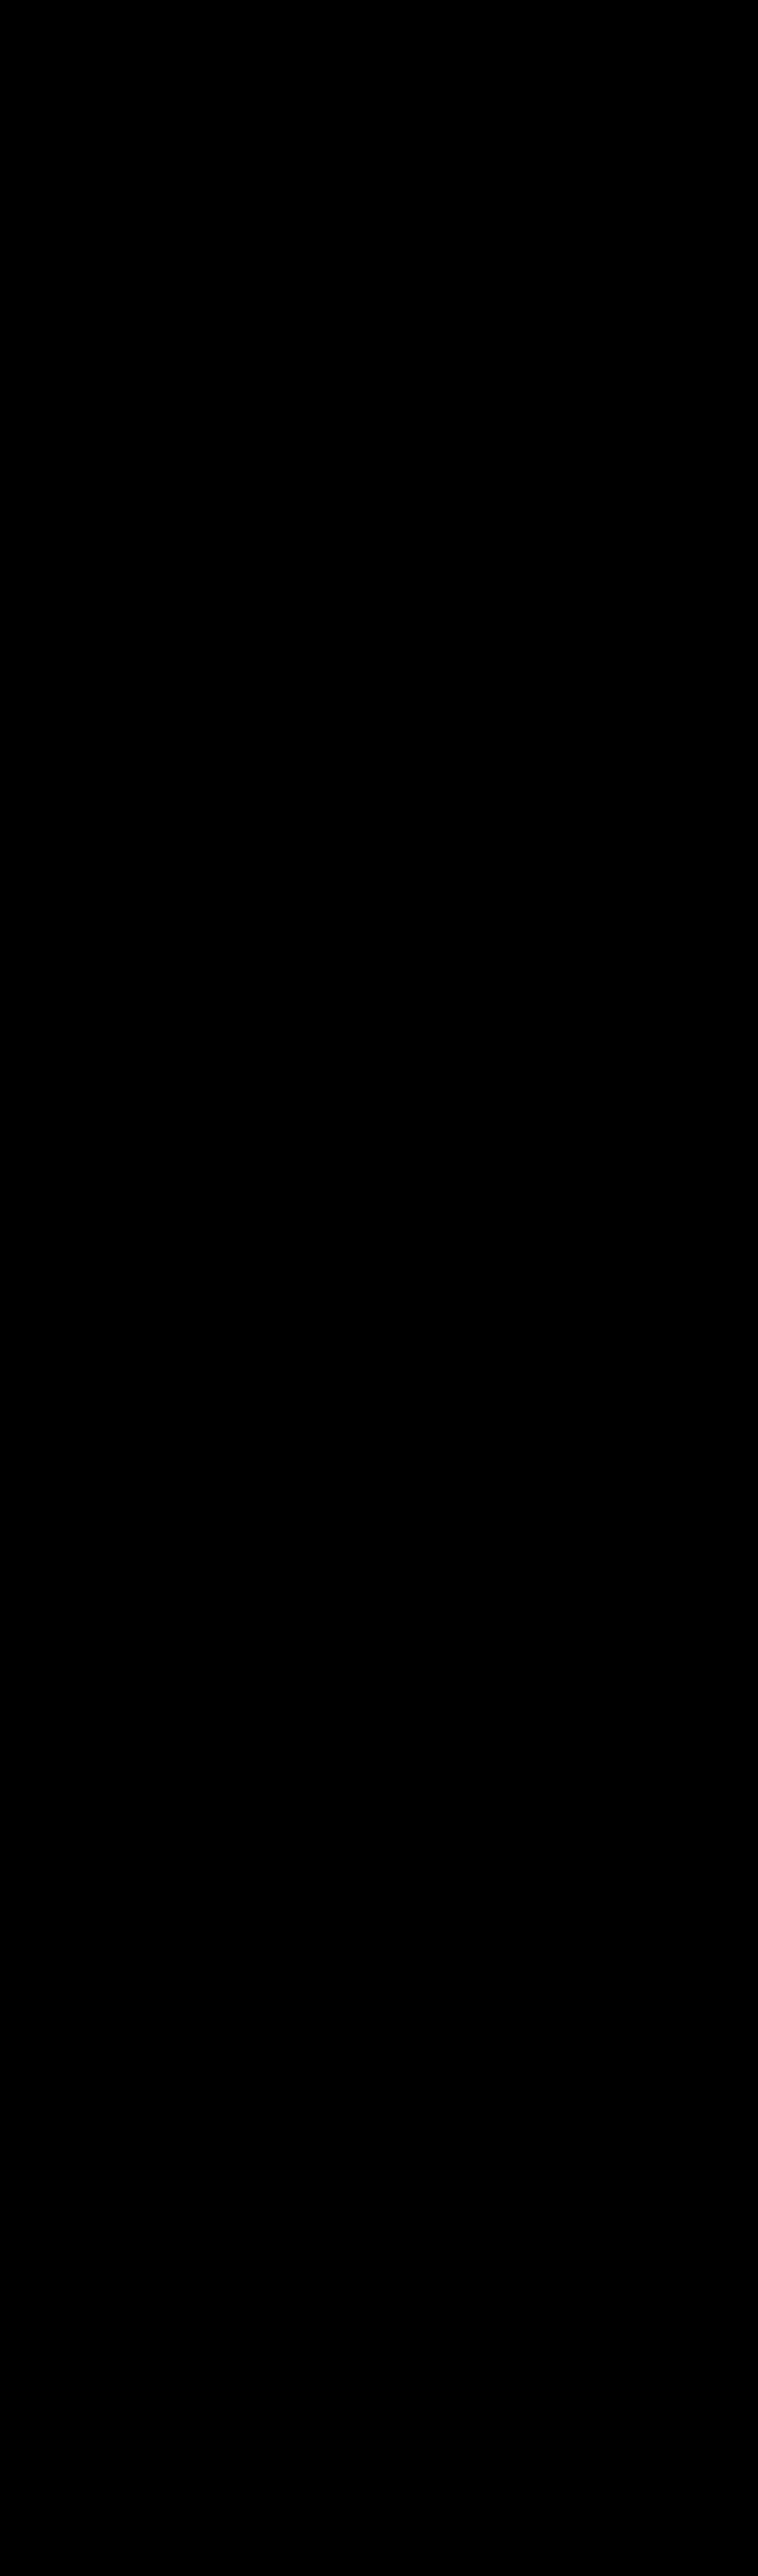 一批实用的手绘花草树叶矢量文件打包下载[Ai]